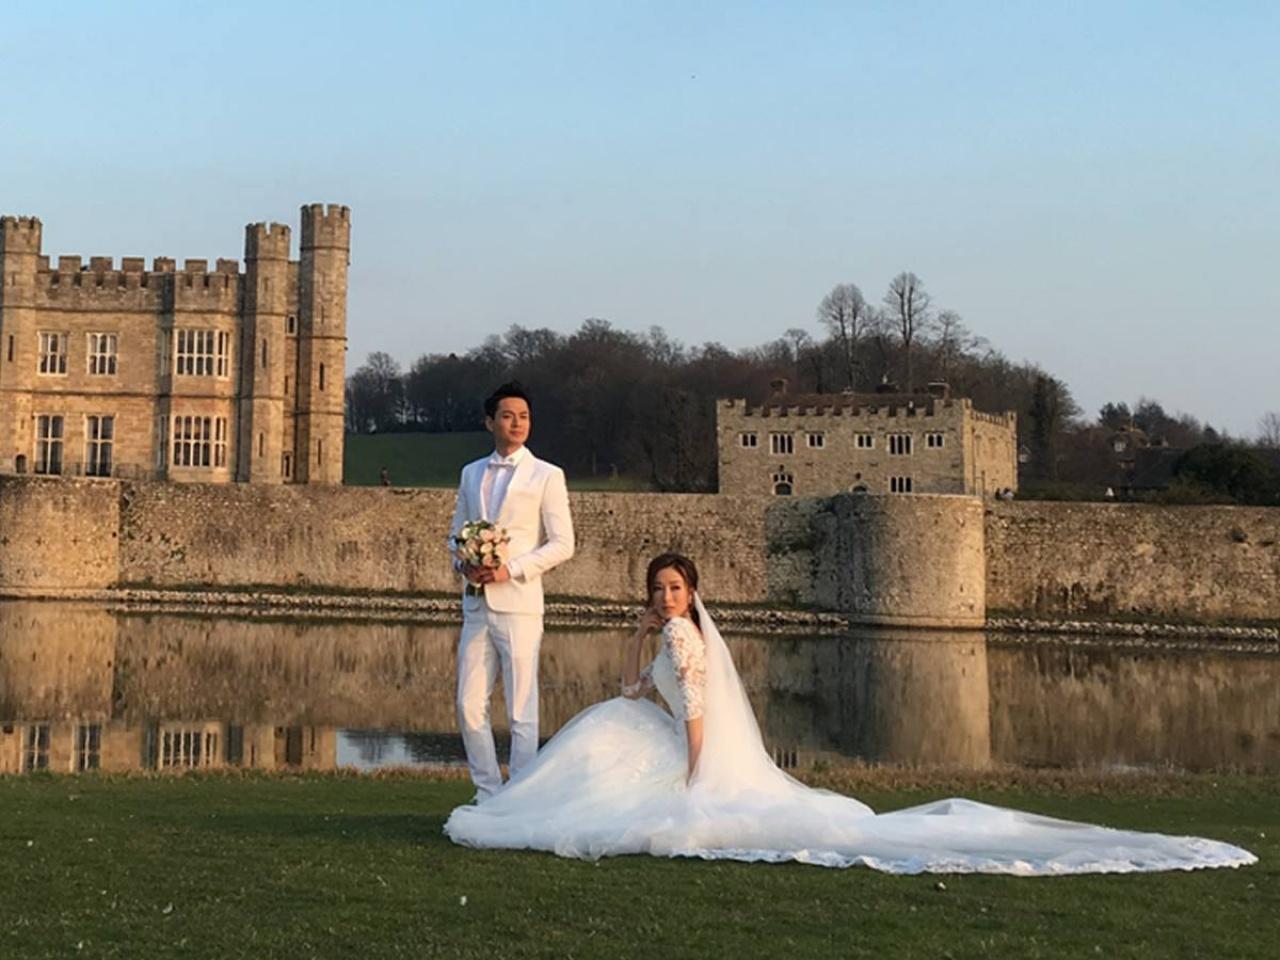 楊怡與羅仲謙的婚禮比鍾嘉欣還要低調,二人在英國肯特郡的利茲普城堡註冊,未有邀請朋友。